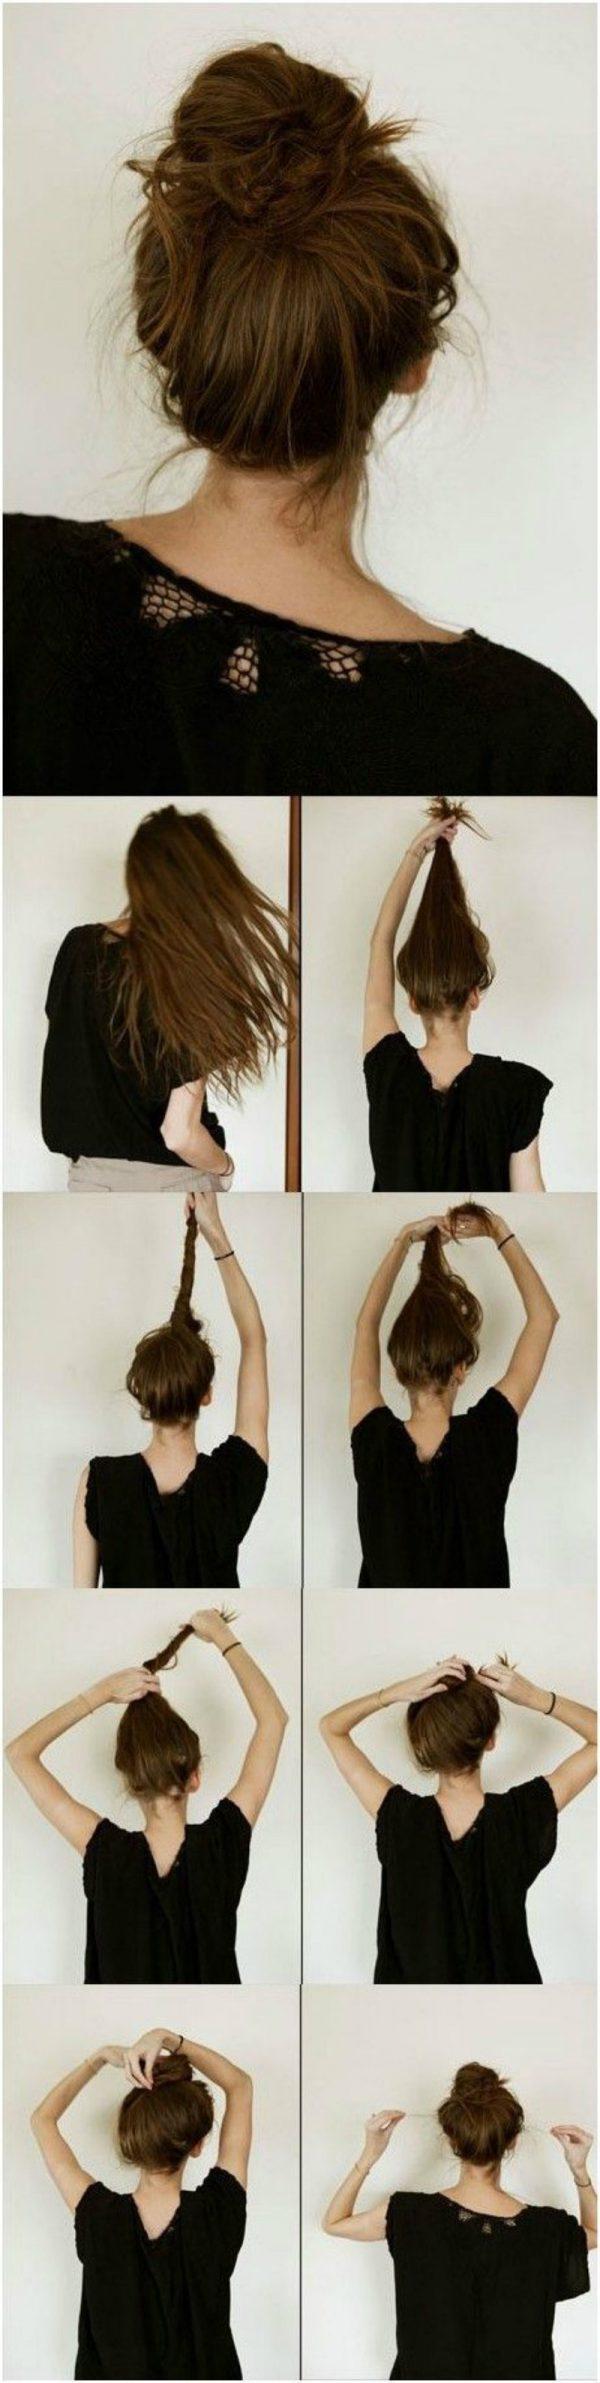 7 вариантов как сделать красивый пучок из волос для волос 86